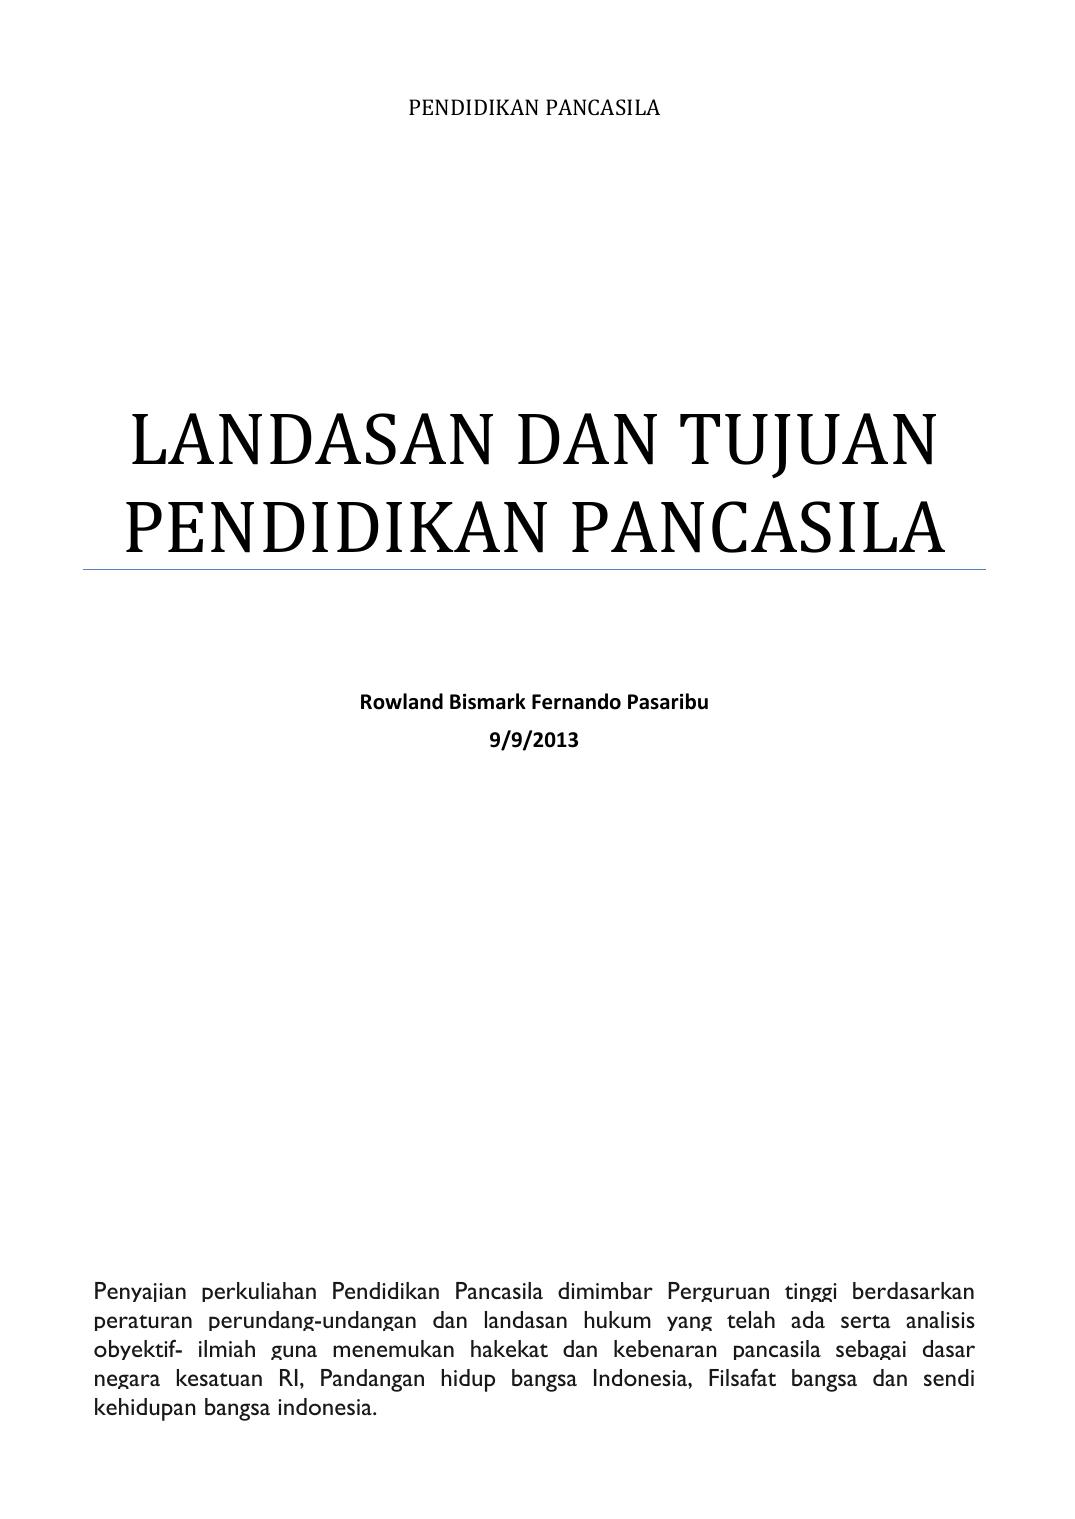 Bab 01 Landasan Dan Tujuan Pendidikan Pancasila